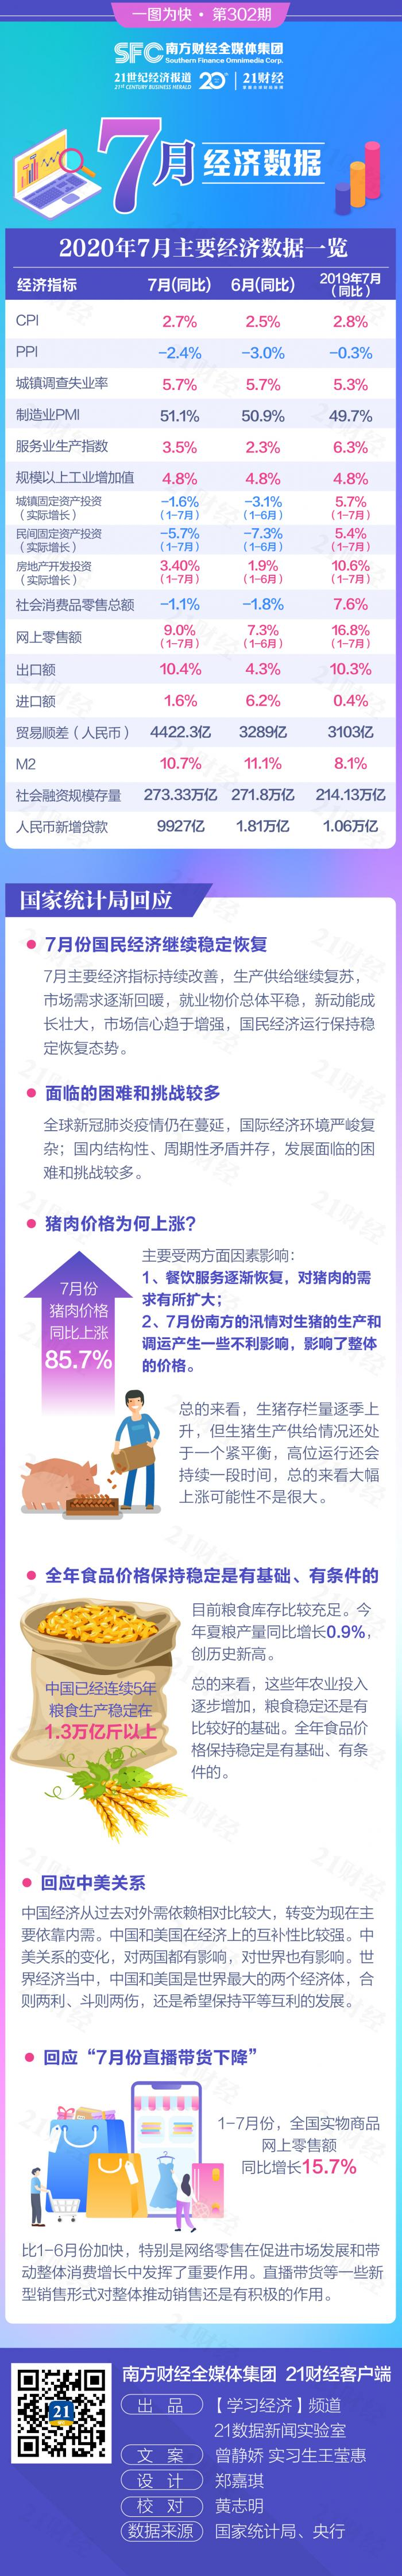 图解7月经济数据:猪价上涨、中美关系、直播带货…刚统计局都回应了!